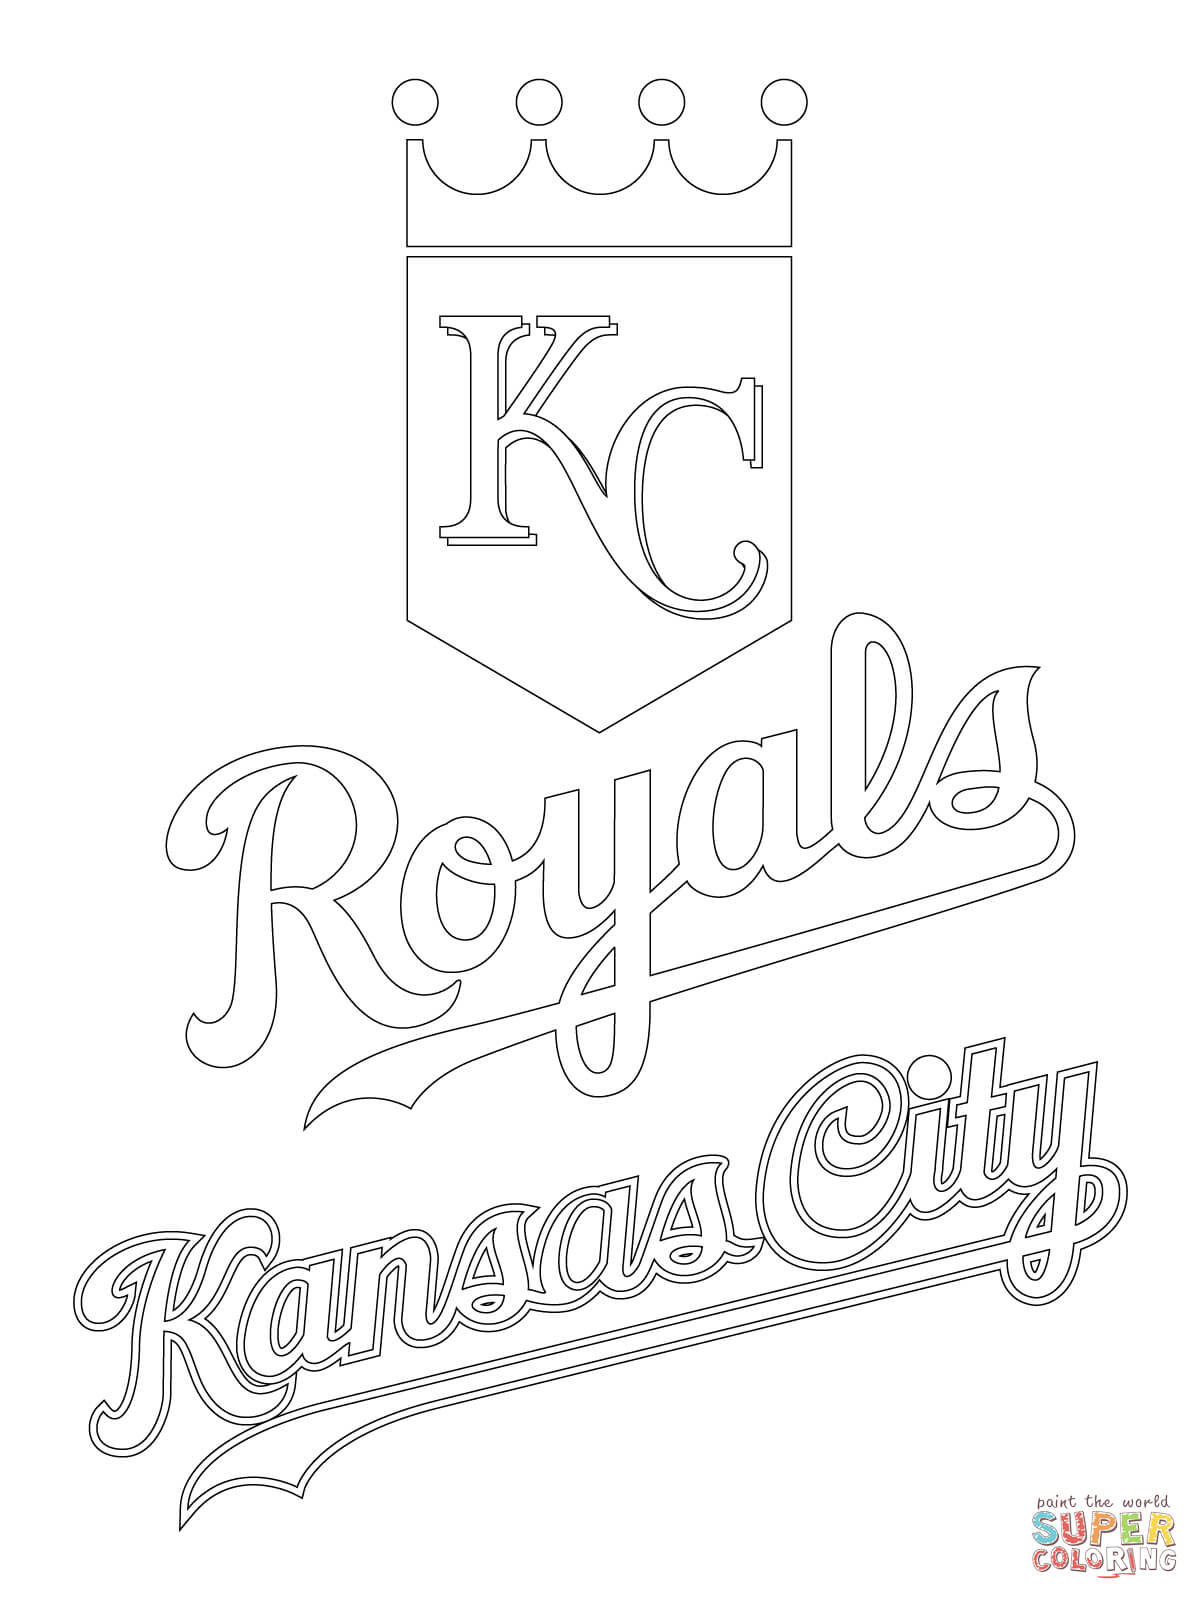 Kansas City Royals Logo Coloring Page